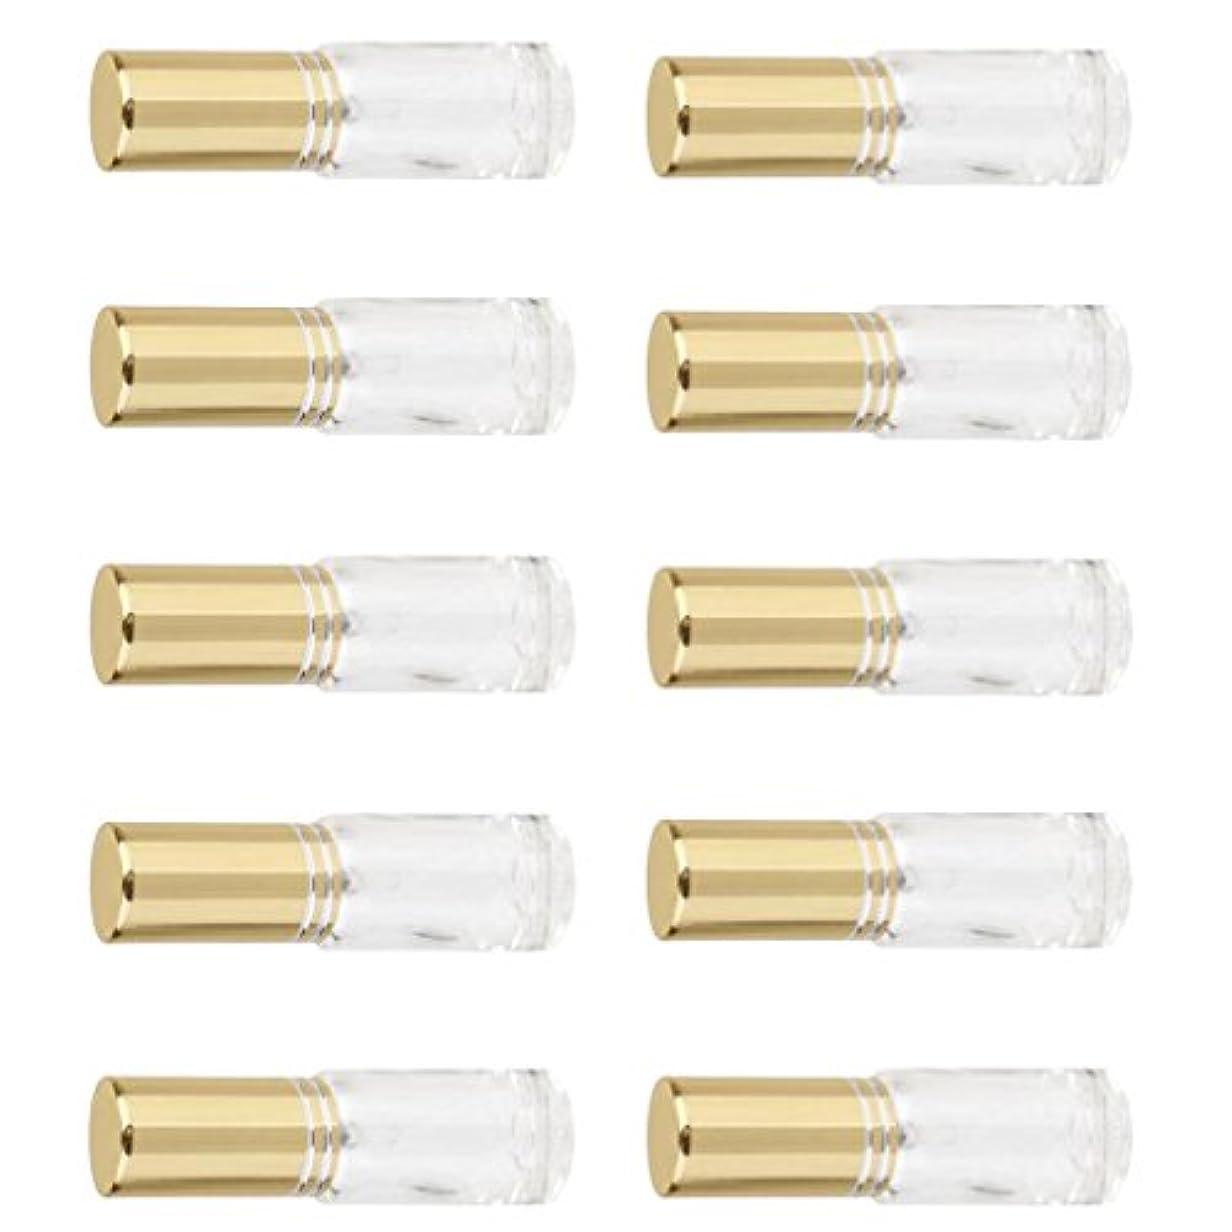 セール聖歌大聖堂Kesoto お買い得 男女兼用 香水瓶 ミニ  ガラス  詰め替え可能 香水 アトマイザー ポンプ スプレー 香水瓶 容器 5ml 10個入り